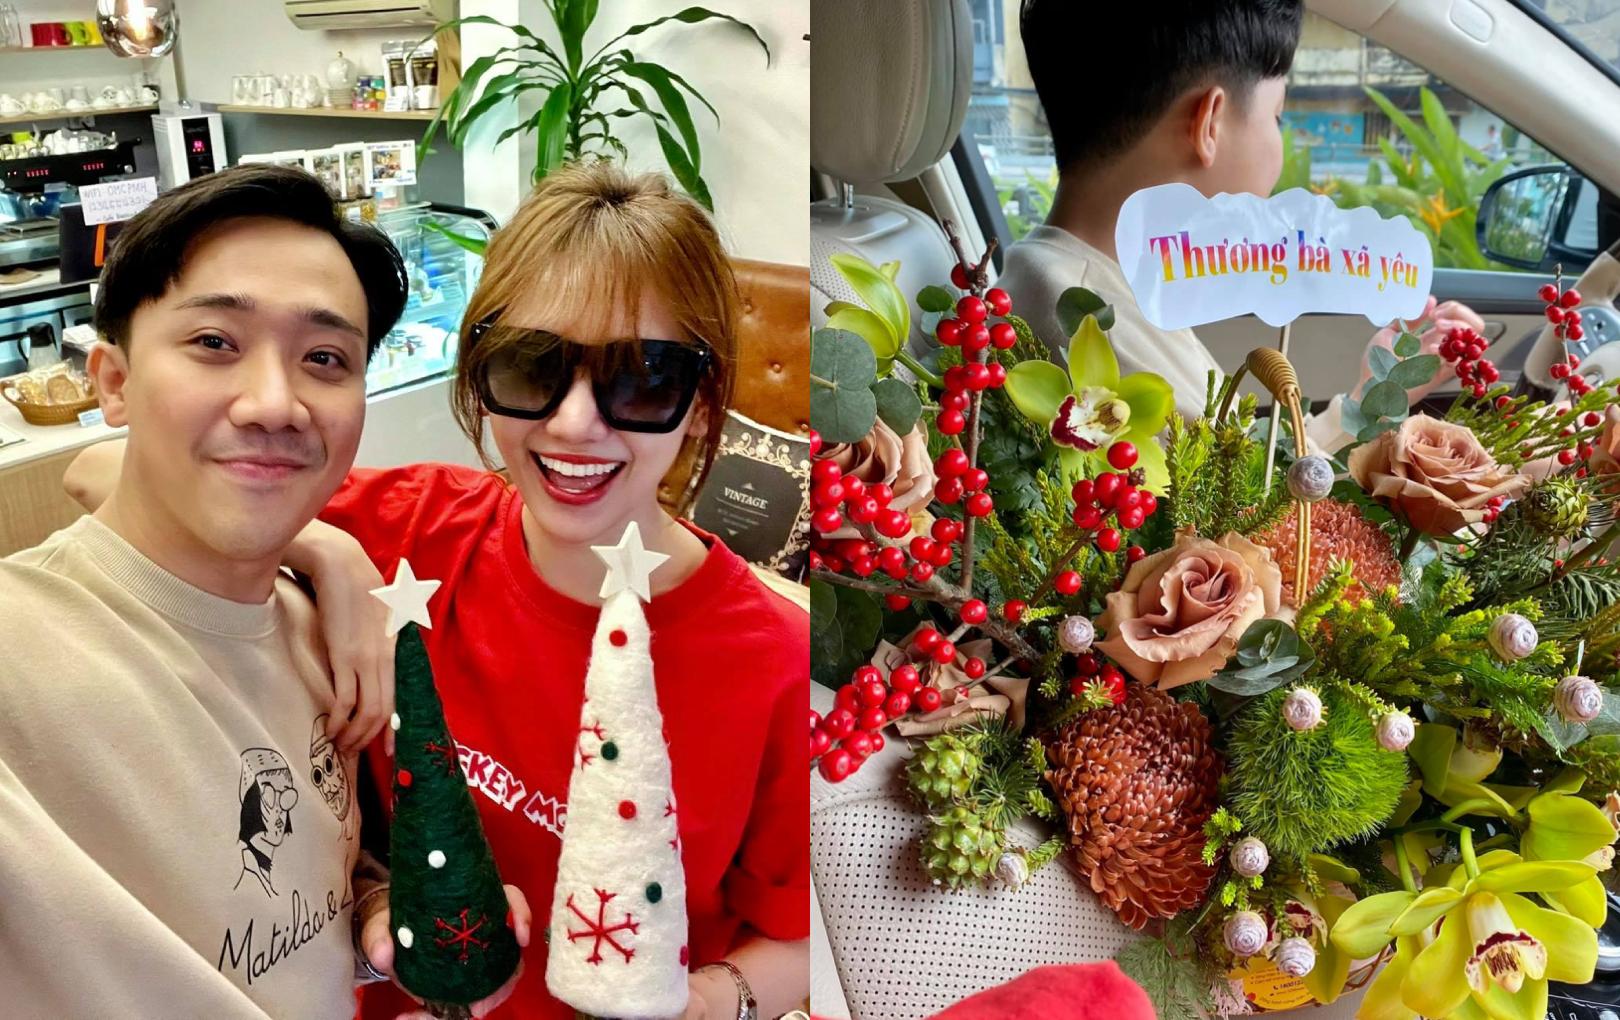 Trấn Thành tặng Hari Won quà Giáng sinh bất ngờ cùng lời nhắn nhủ cực ngọt